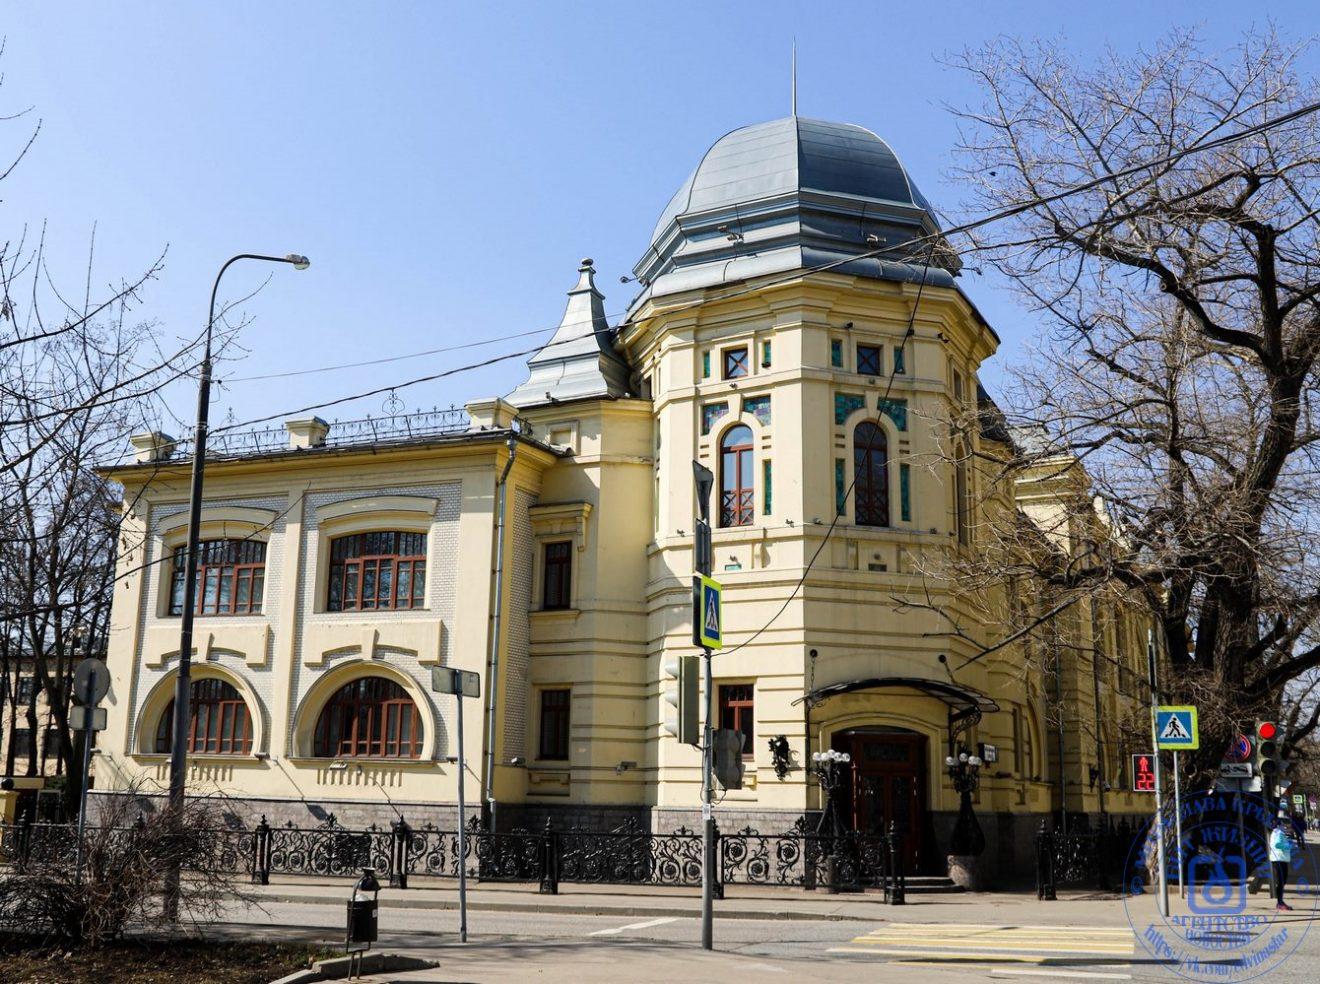 Оказывается в Москве есть свой эльдорадо